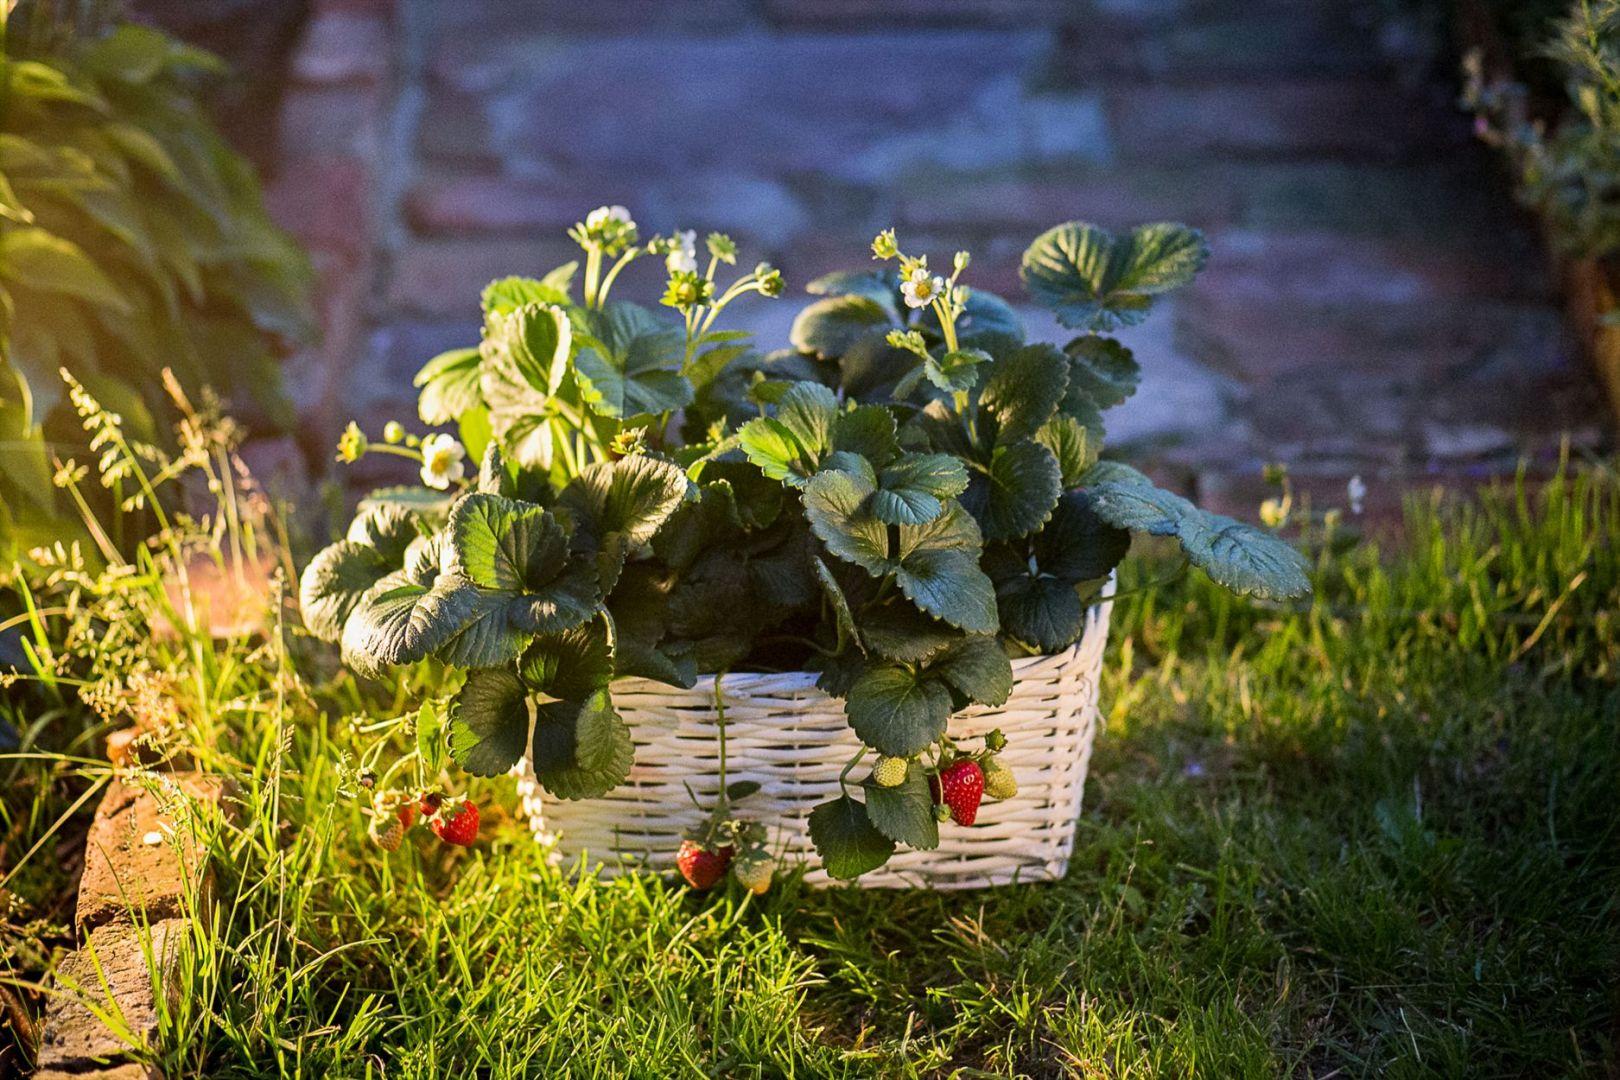 """Dla początkujących, którzy pierwszy raz próbują sił w produkcji owoców we własnym ogrodzie najlepsze będą bardziej """"przyziemne"""" rośliny, takie jak poziomki (Fragaria vesca L.) czy truskawki. Fot. Leroy Merlin"""